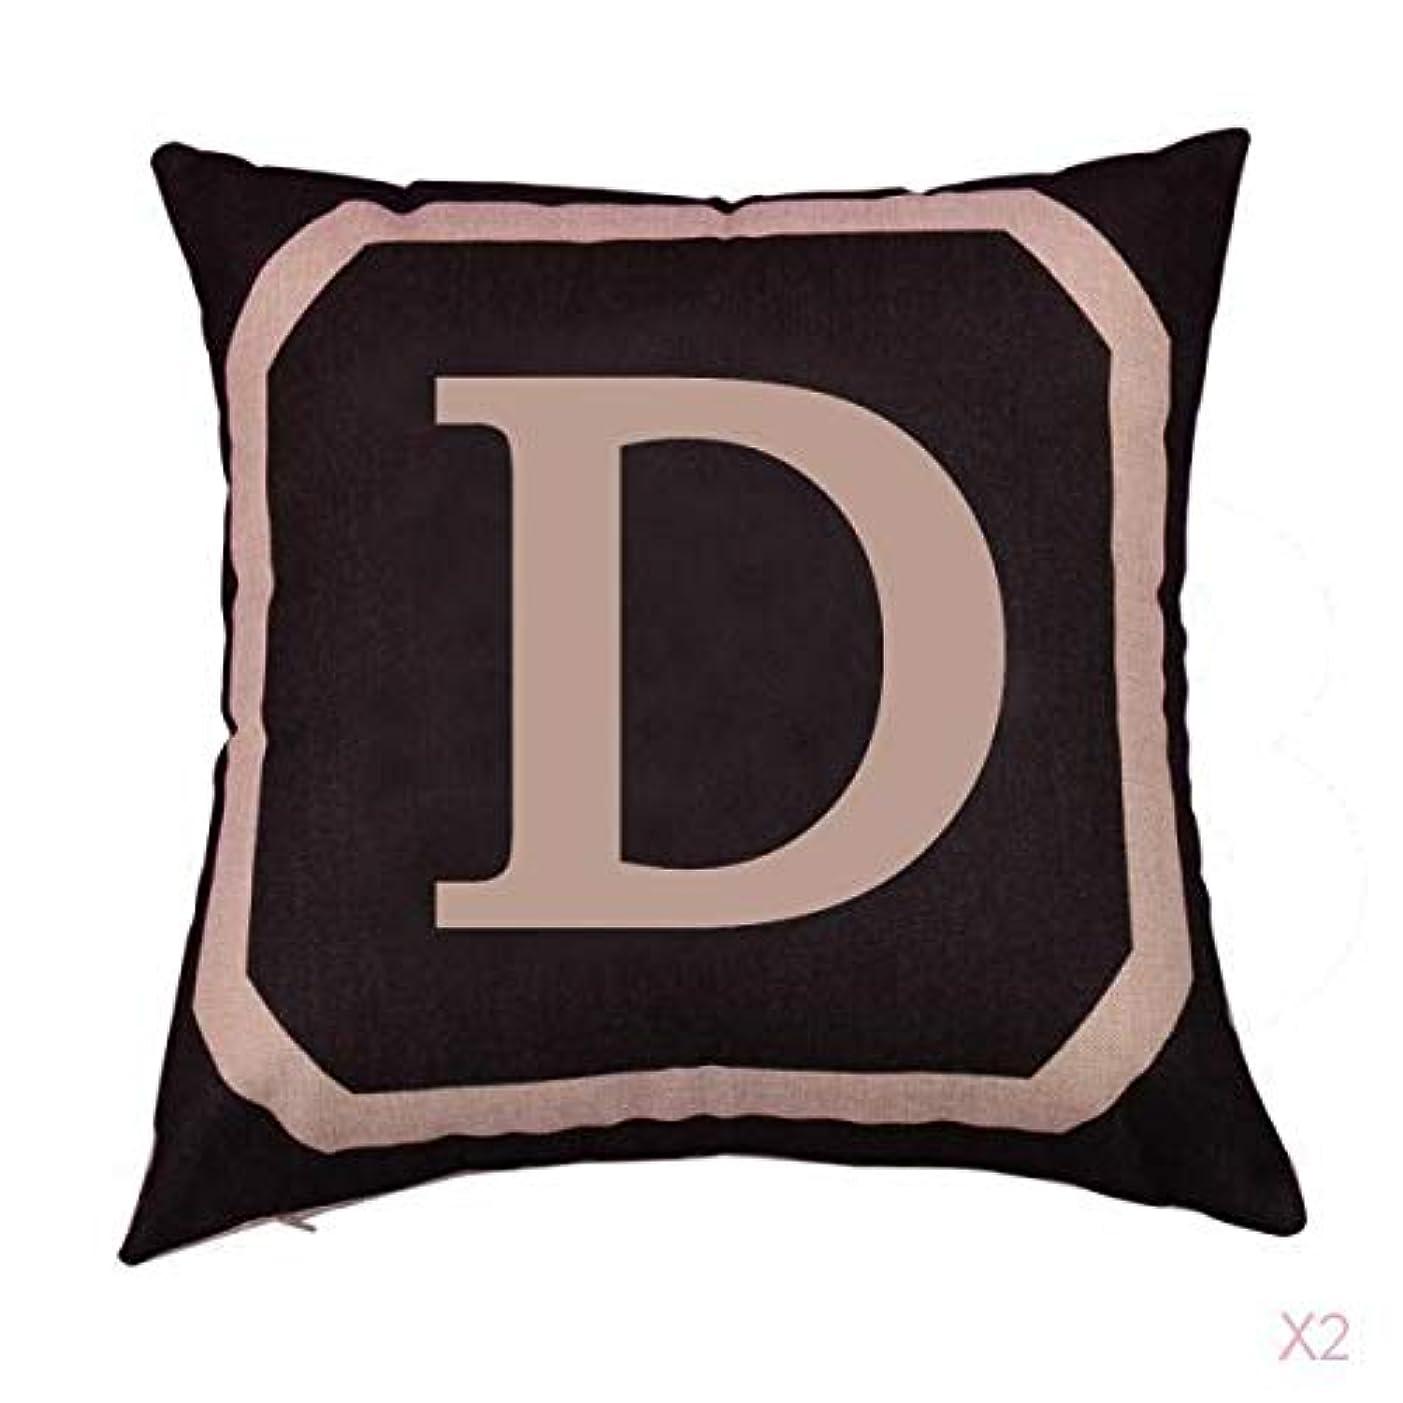 謙虚な背景サーバント正方形の綿のリネンスローピローケース腰クッションカバーベッドソファ装飾さd